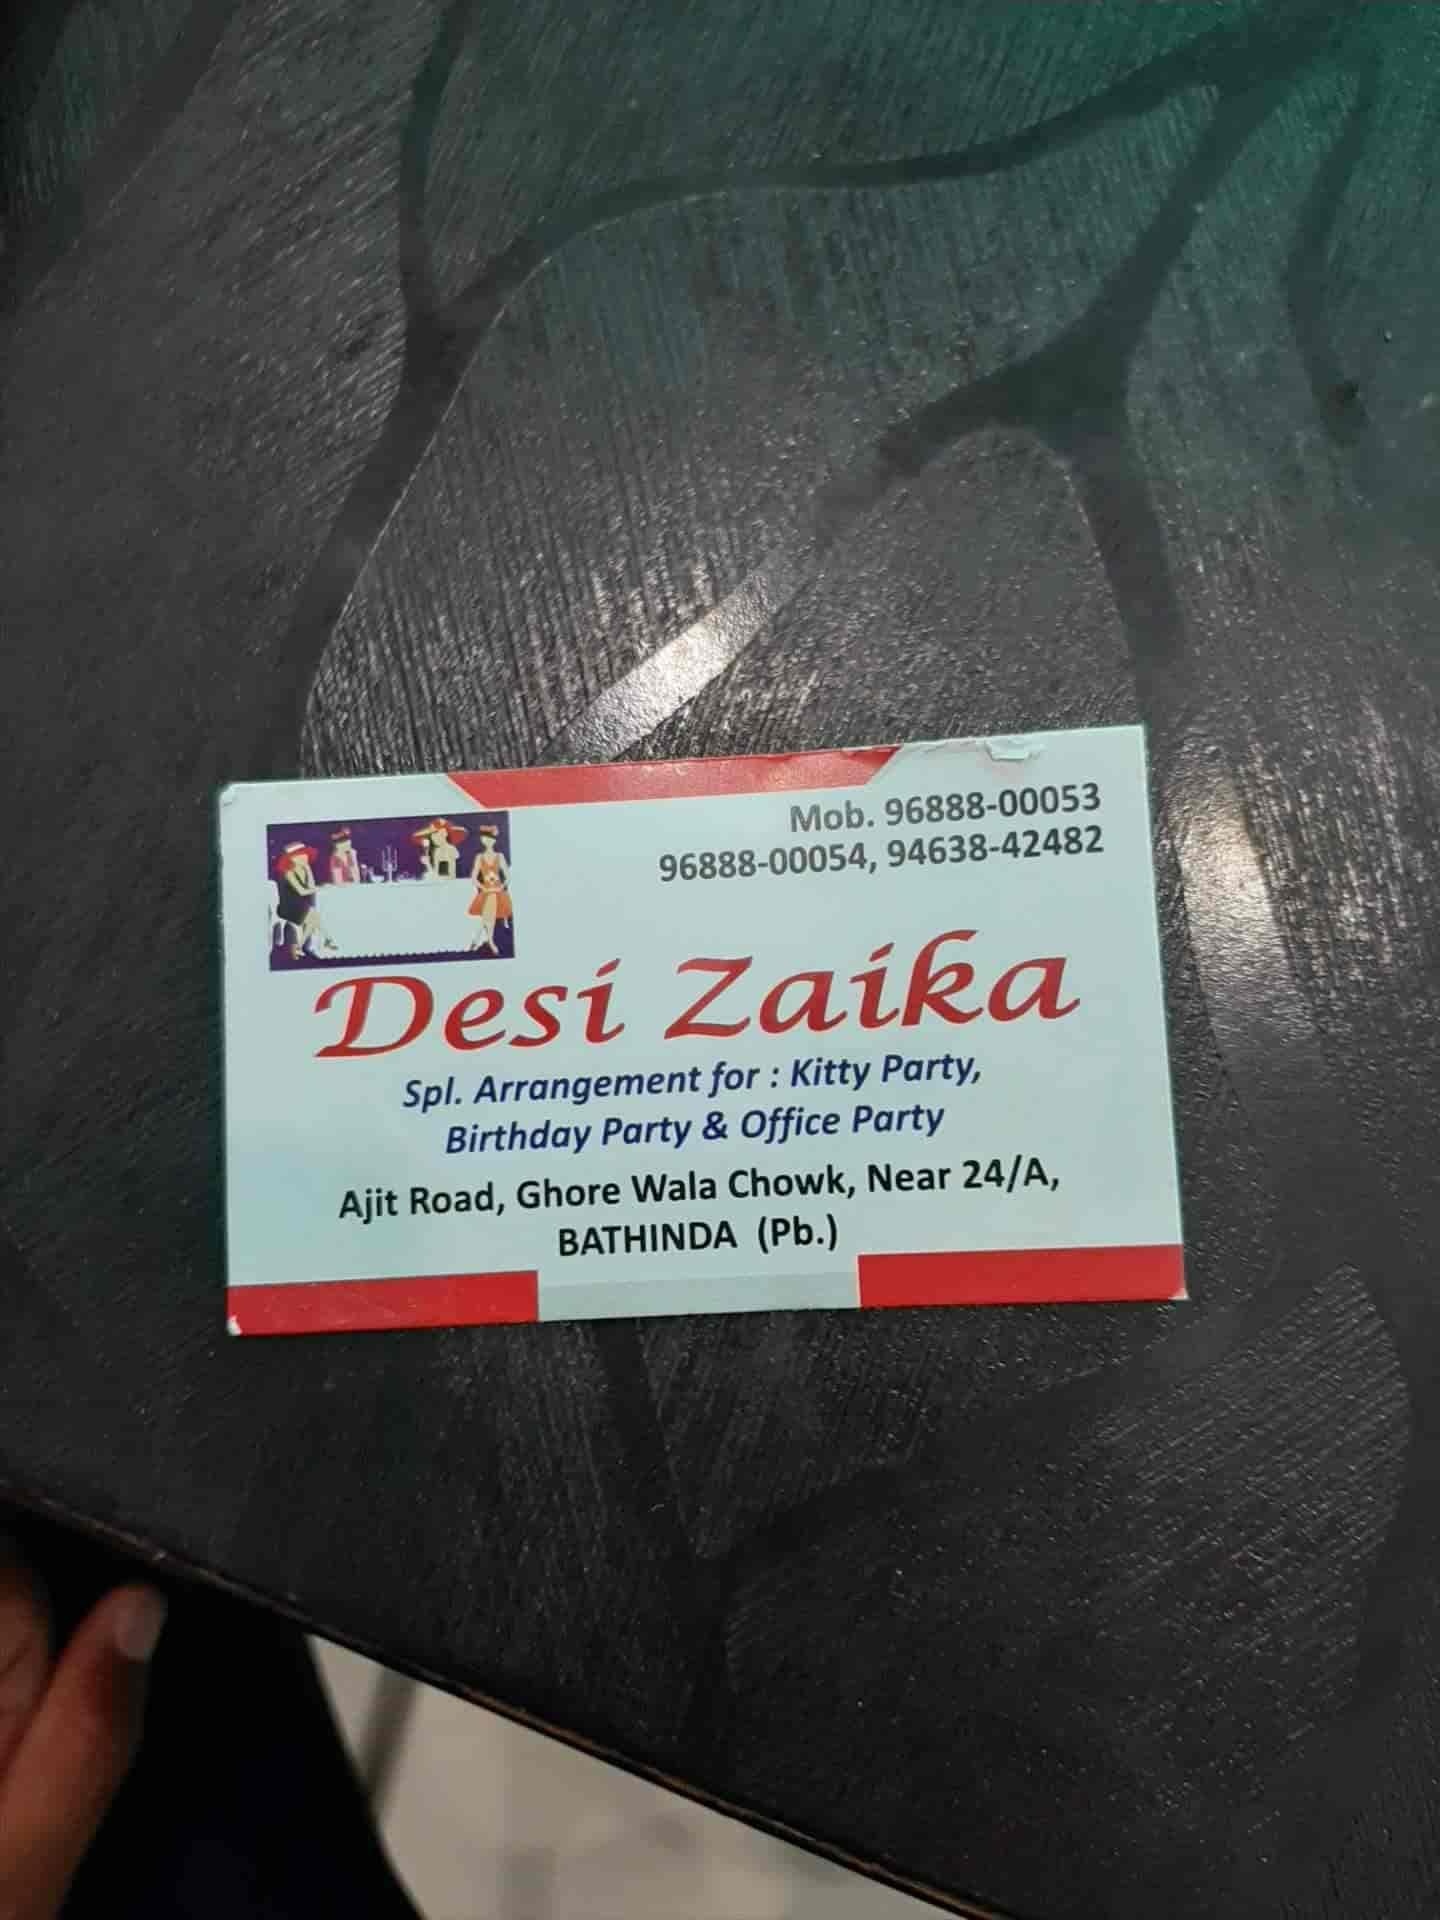 Desi Zaika, Bhatinda City, Bhatinda - Pure Veg Restaurants